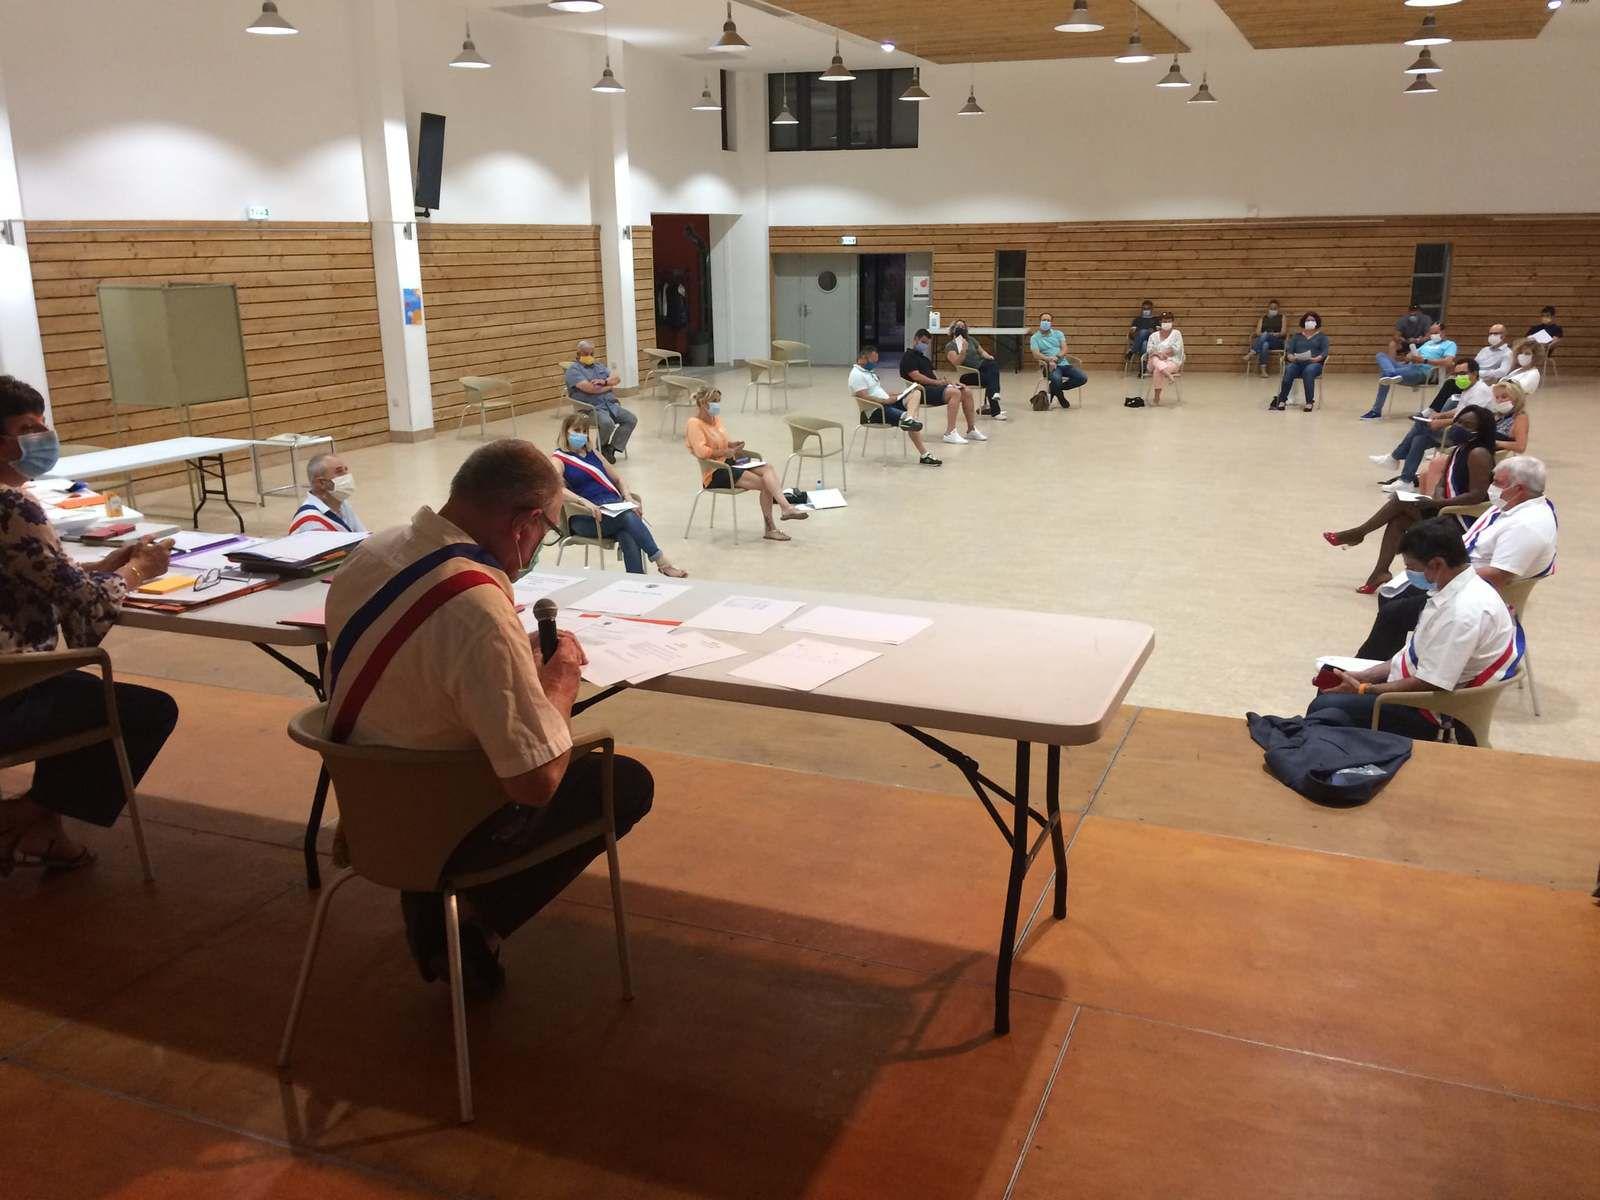 Une séance du conseil qui s'est tenue avec la stricte application des règles sanitaires